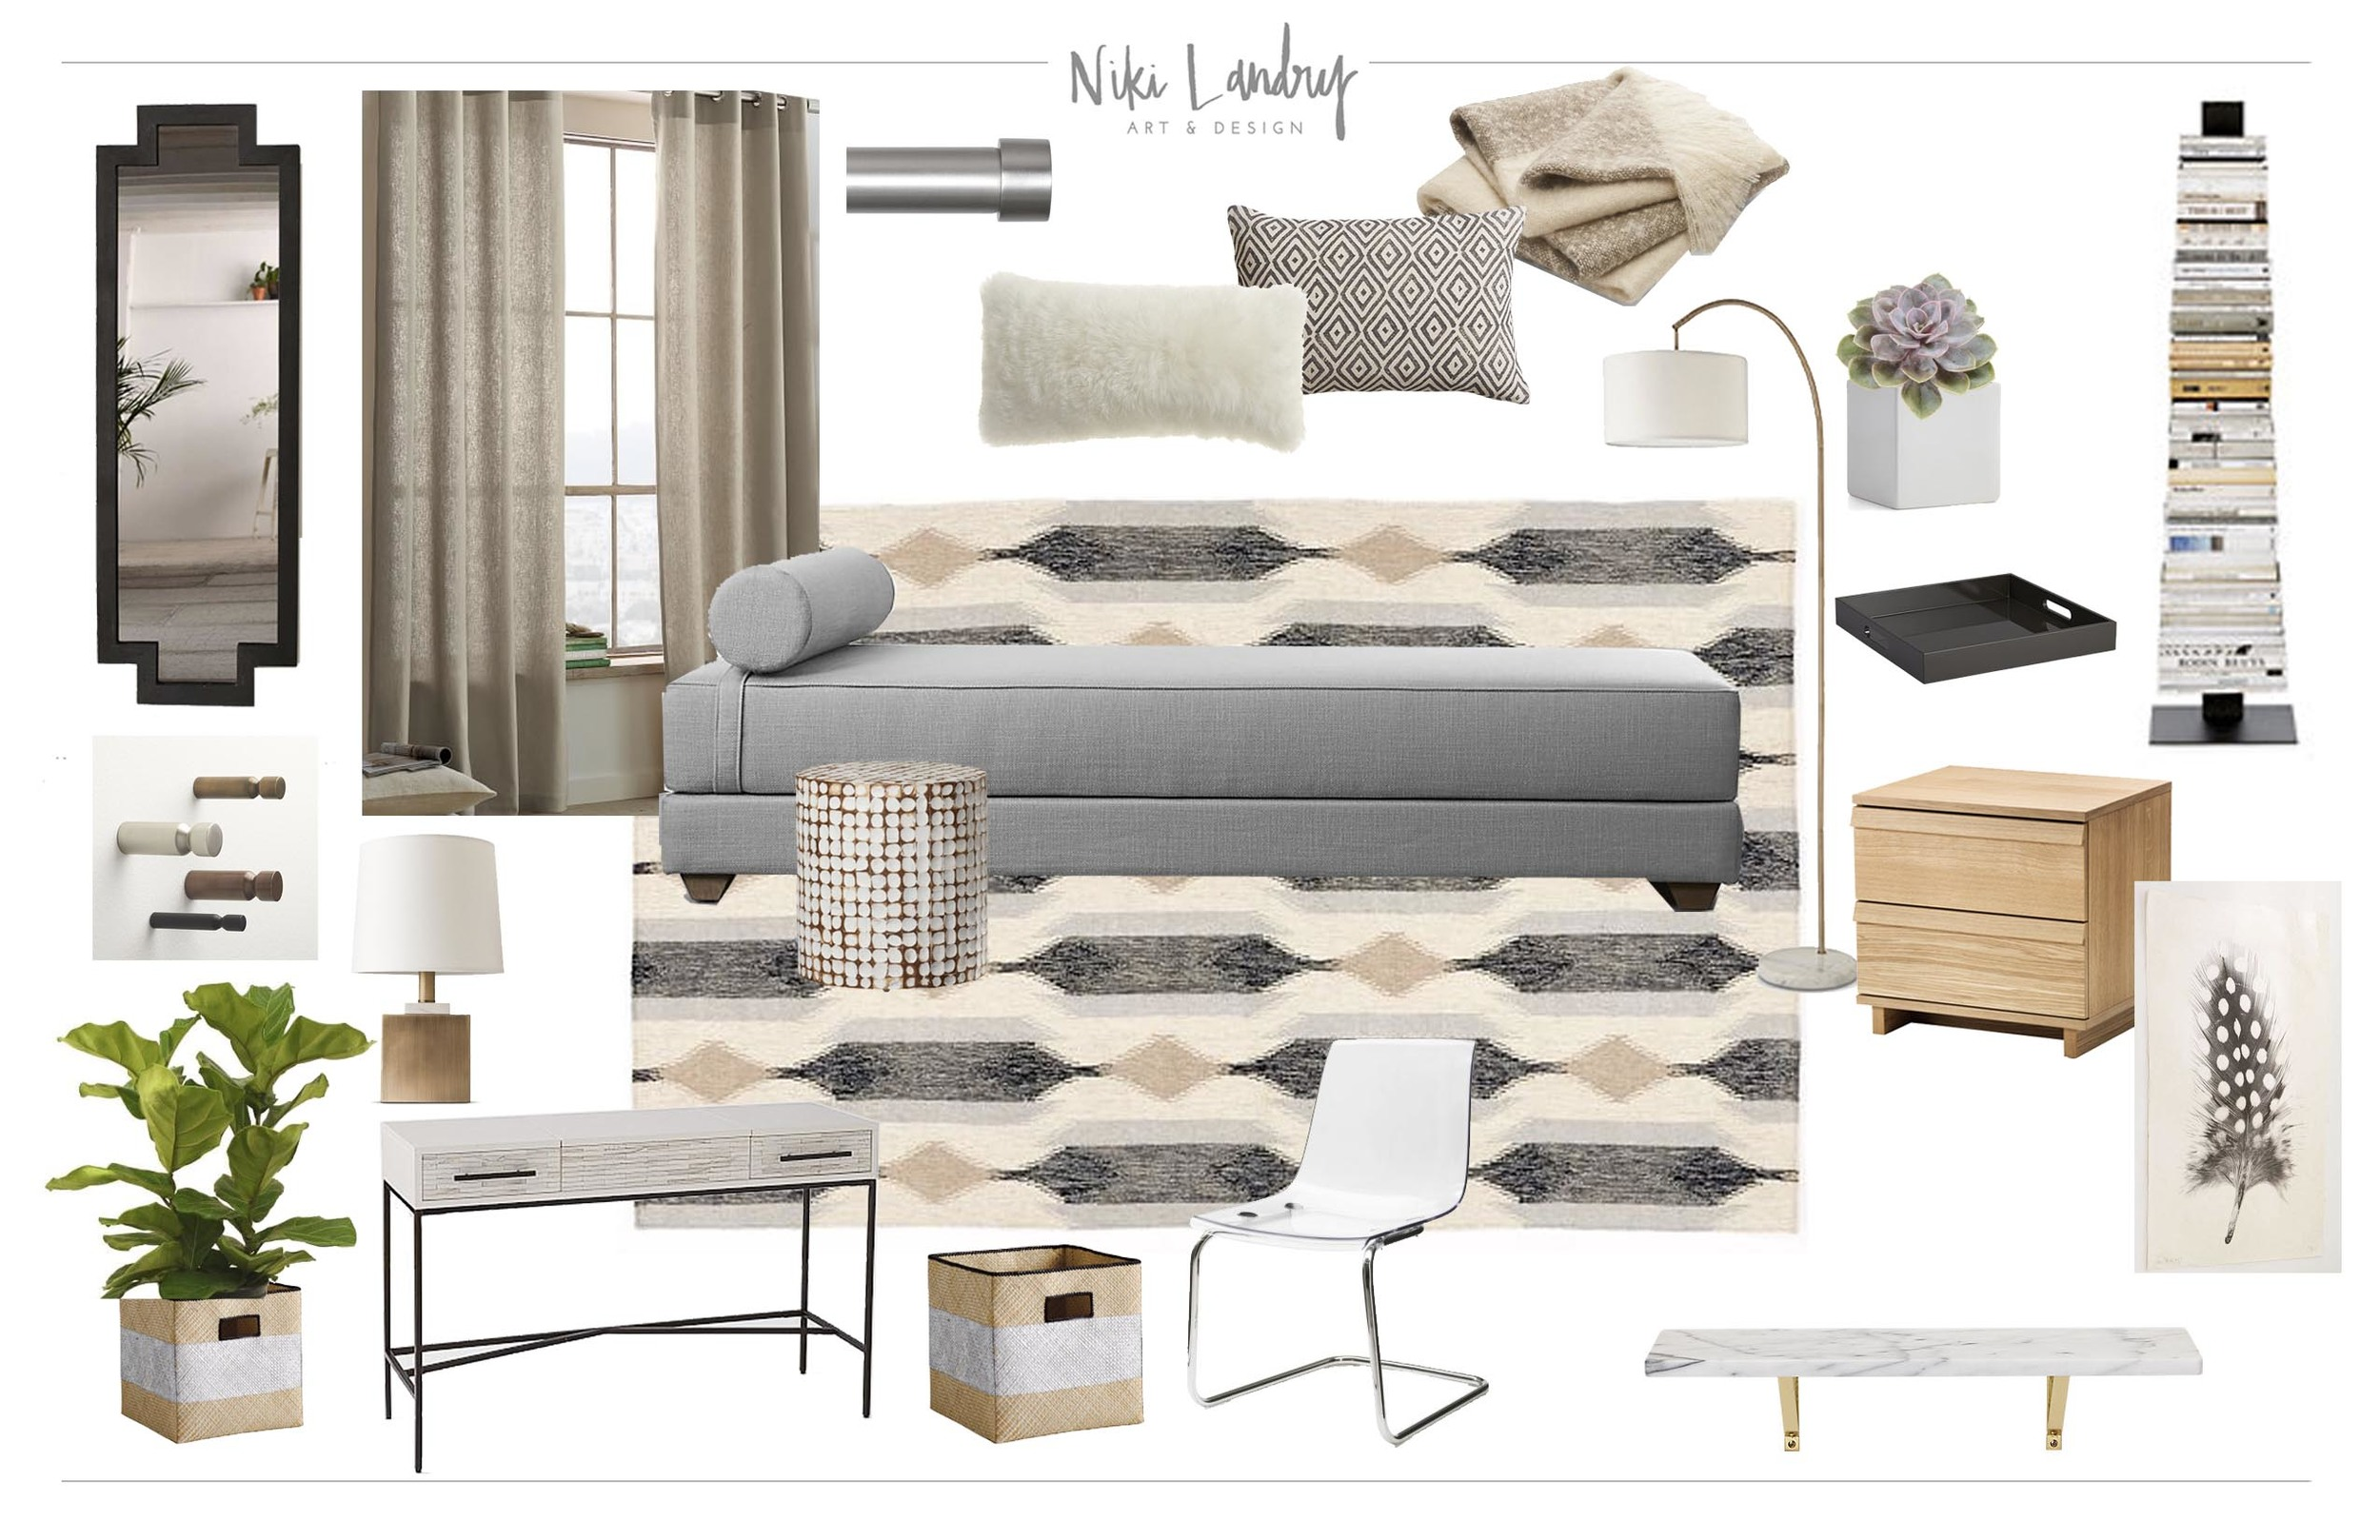 Copy of Guest Bedroom Design